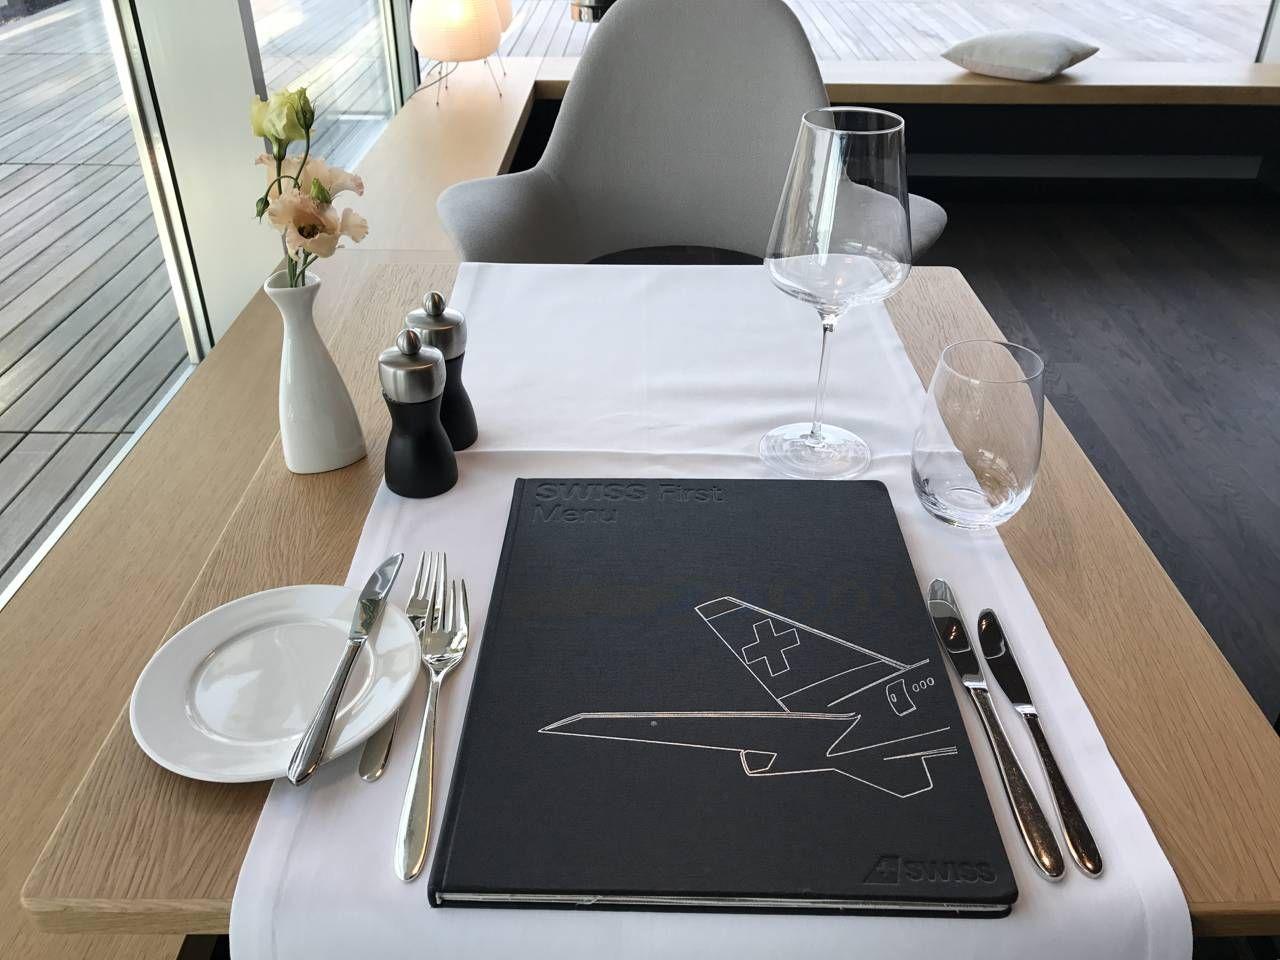 swiss-first-class-lounge-039